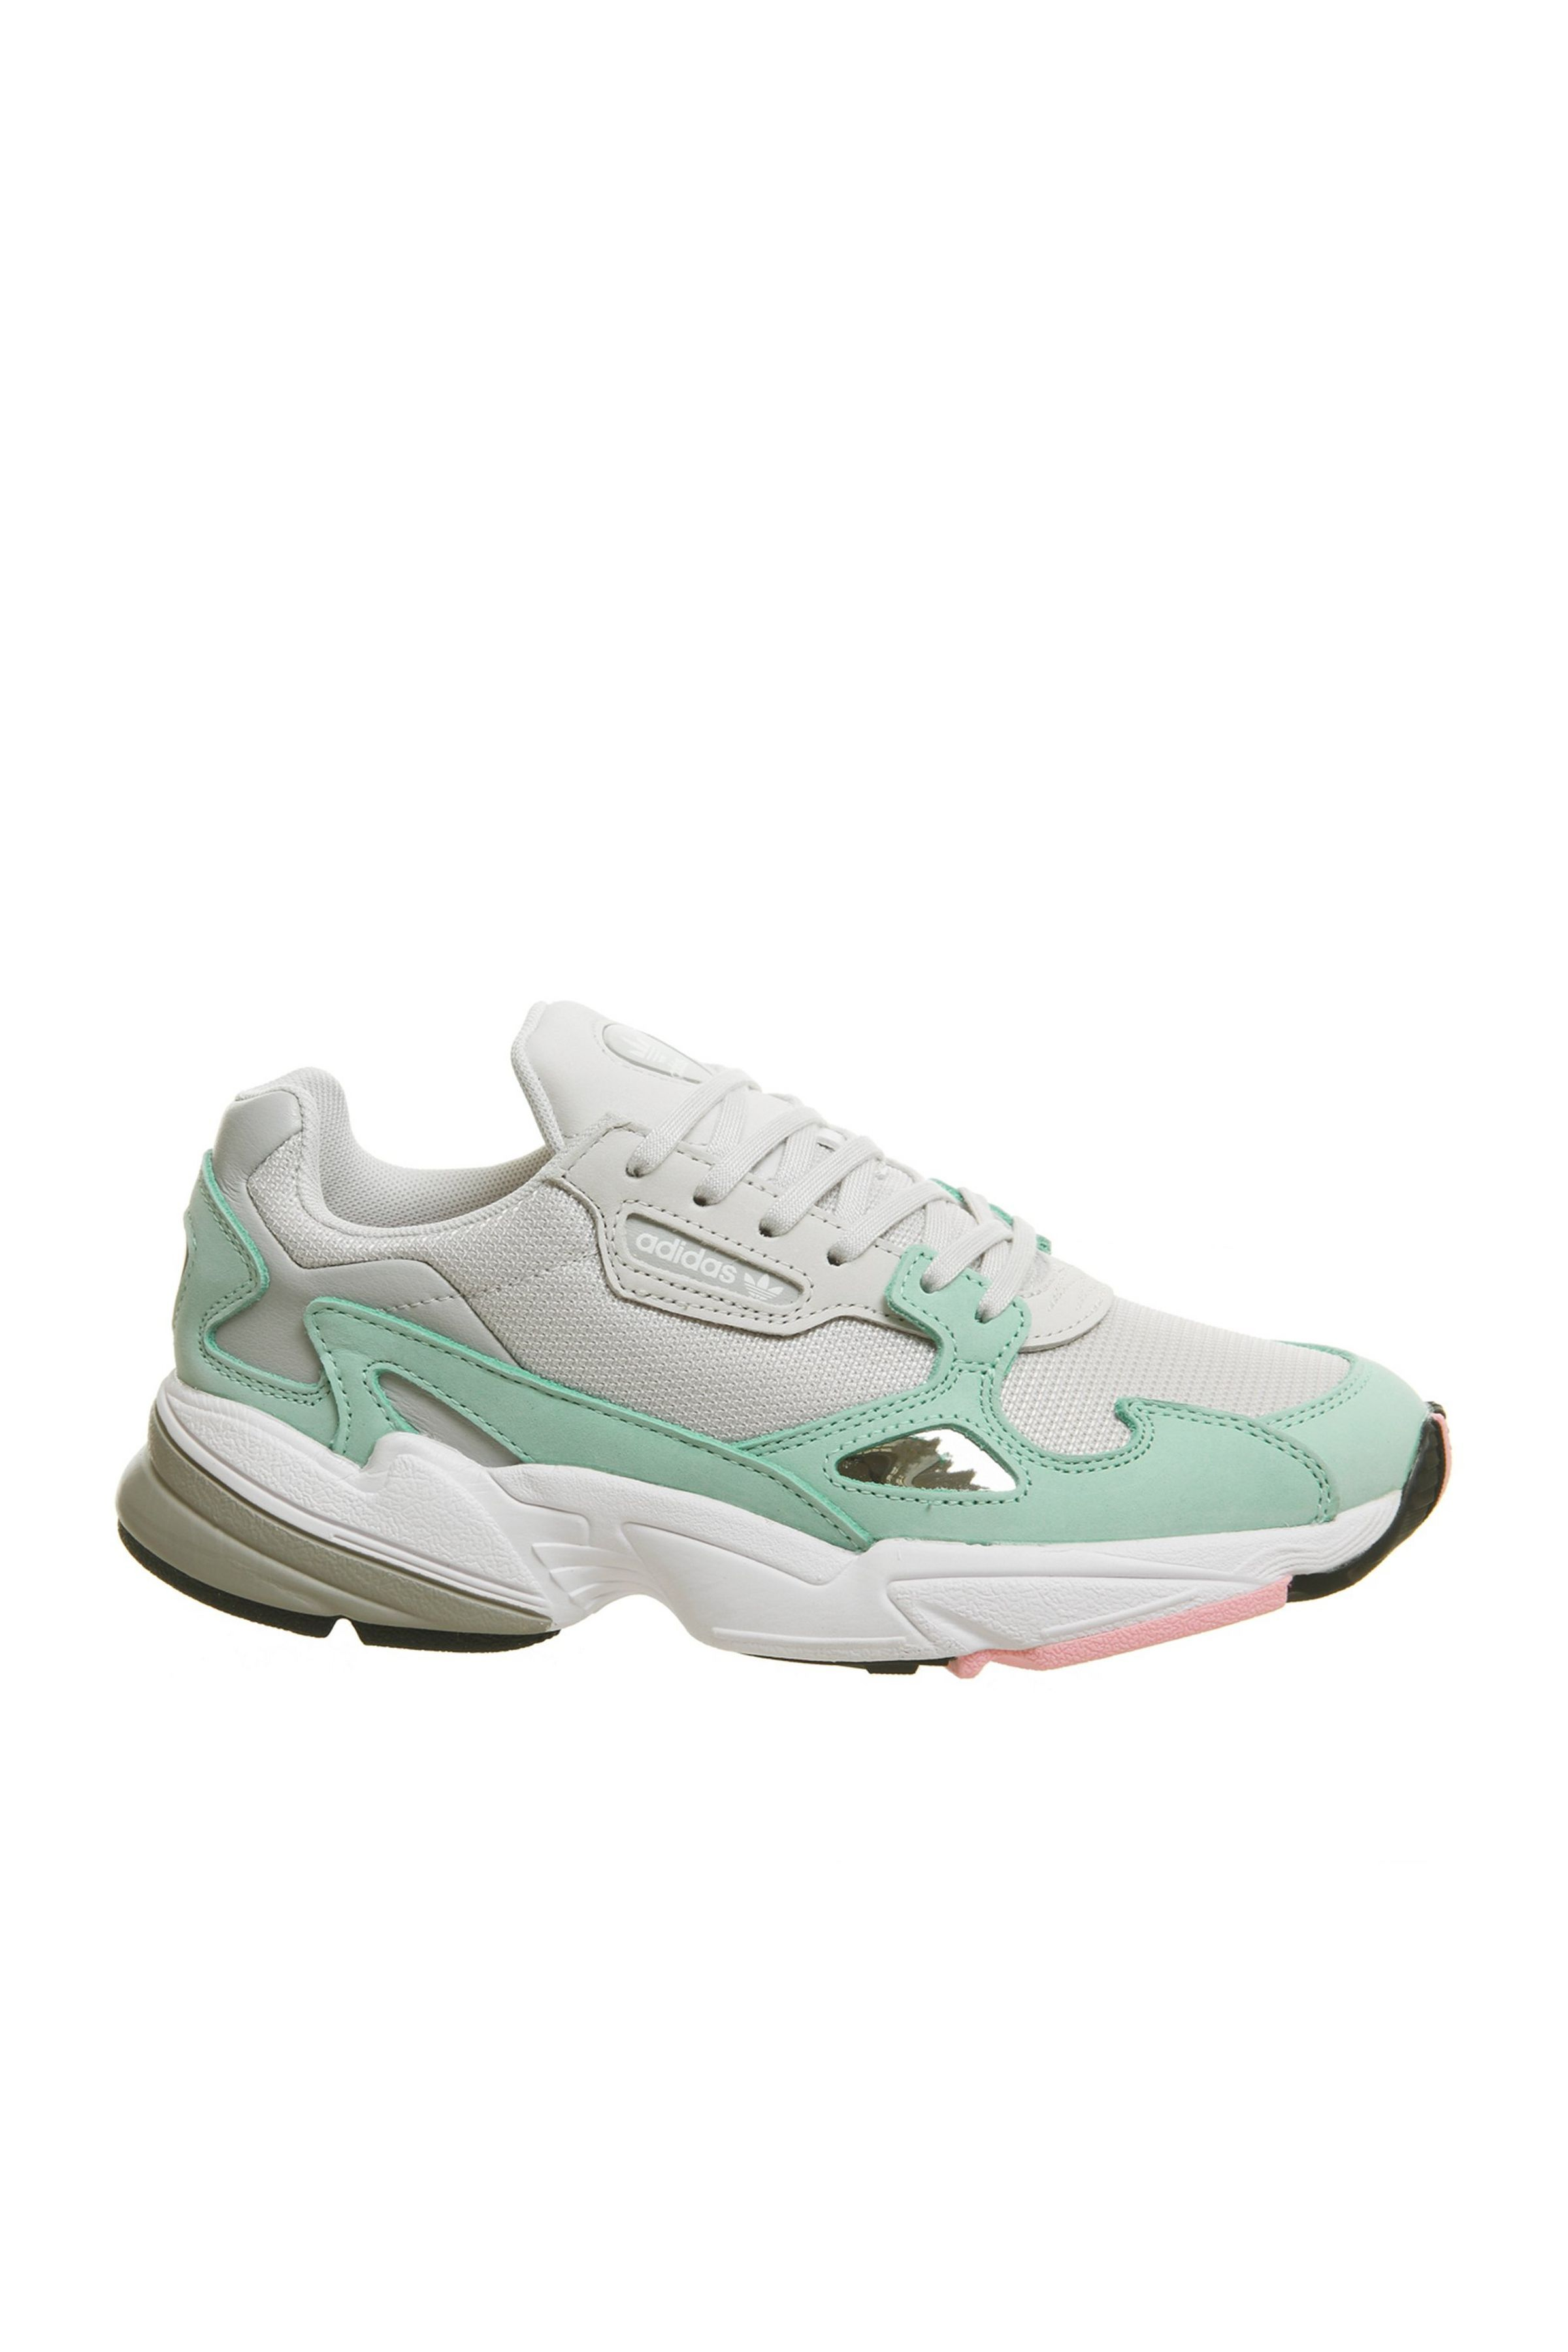 shoes heels, Vans old skool trainers